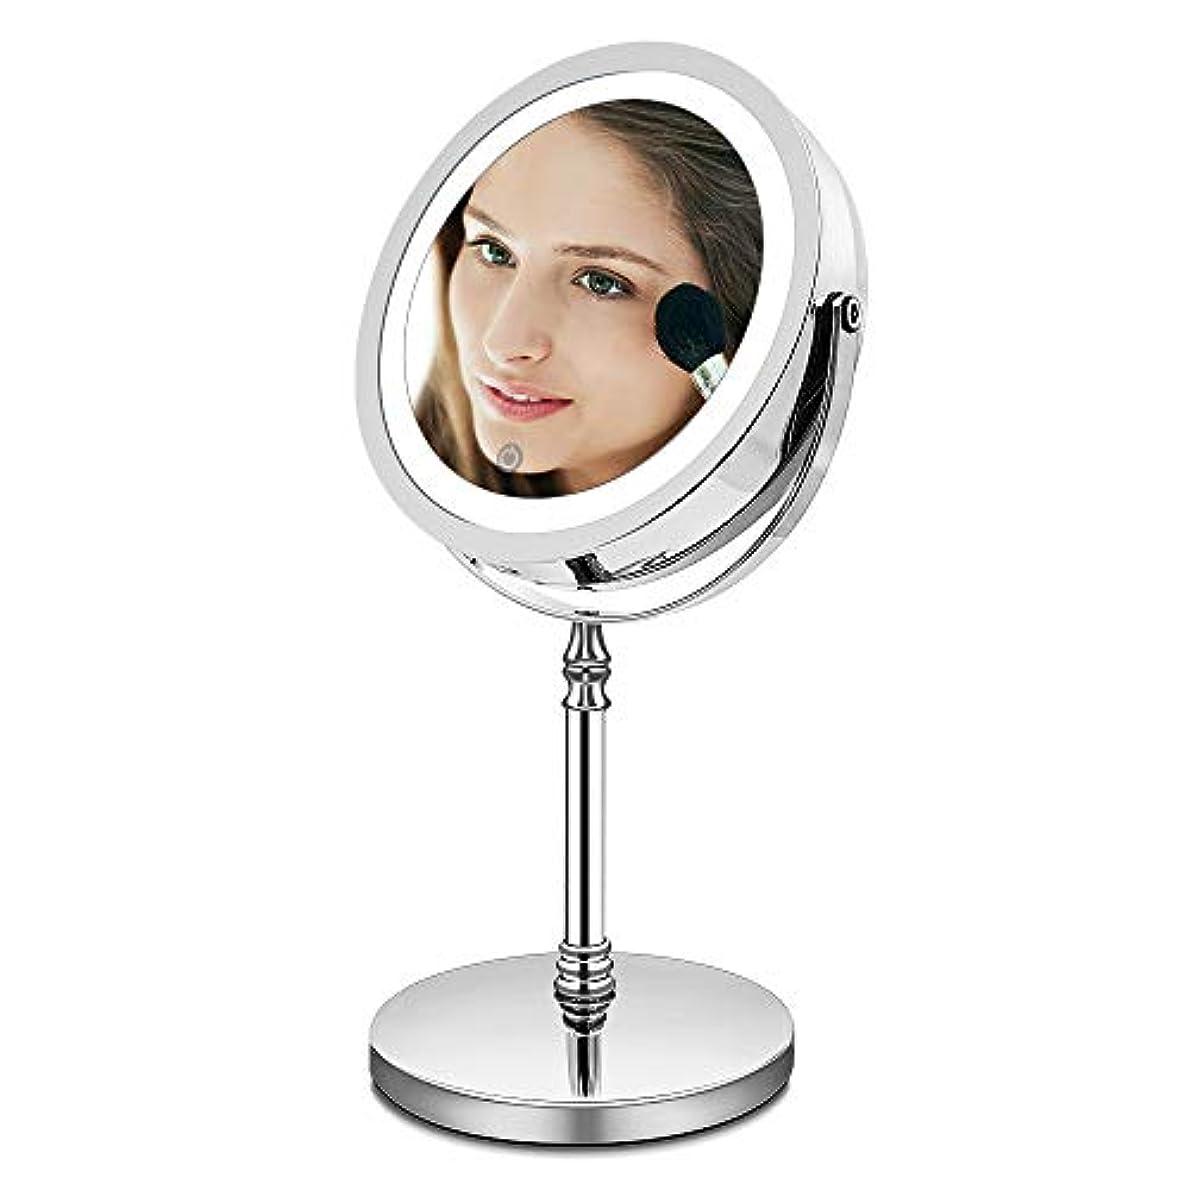 細い偽善者いたずらAMZTOLIFE 10倍拡大鏡+等倍鏡 化粧鏡 ライト付き 卓上鏡 ミラー 鏡 化粧ミラー メイクアップミラー スタンドミラー 360度回転 明るさ調節 日本語取扱説明書付き (タイチー)